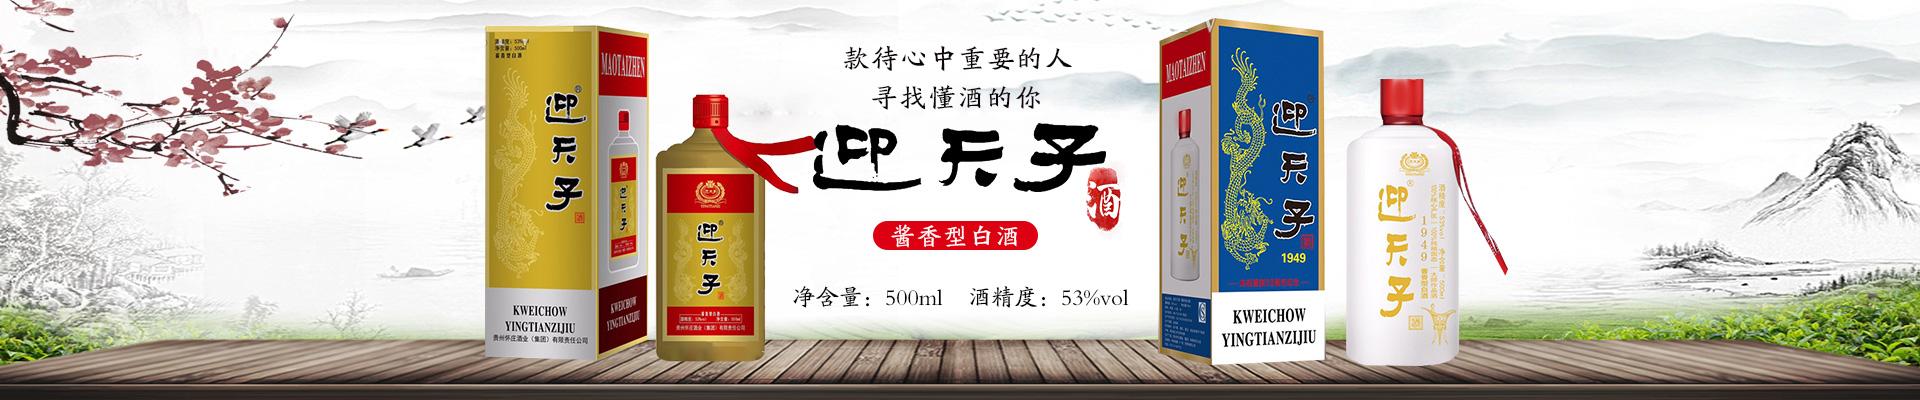 贵州迎天子酒全国招商